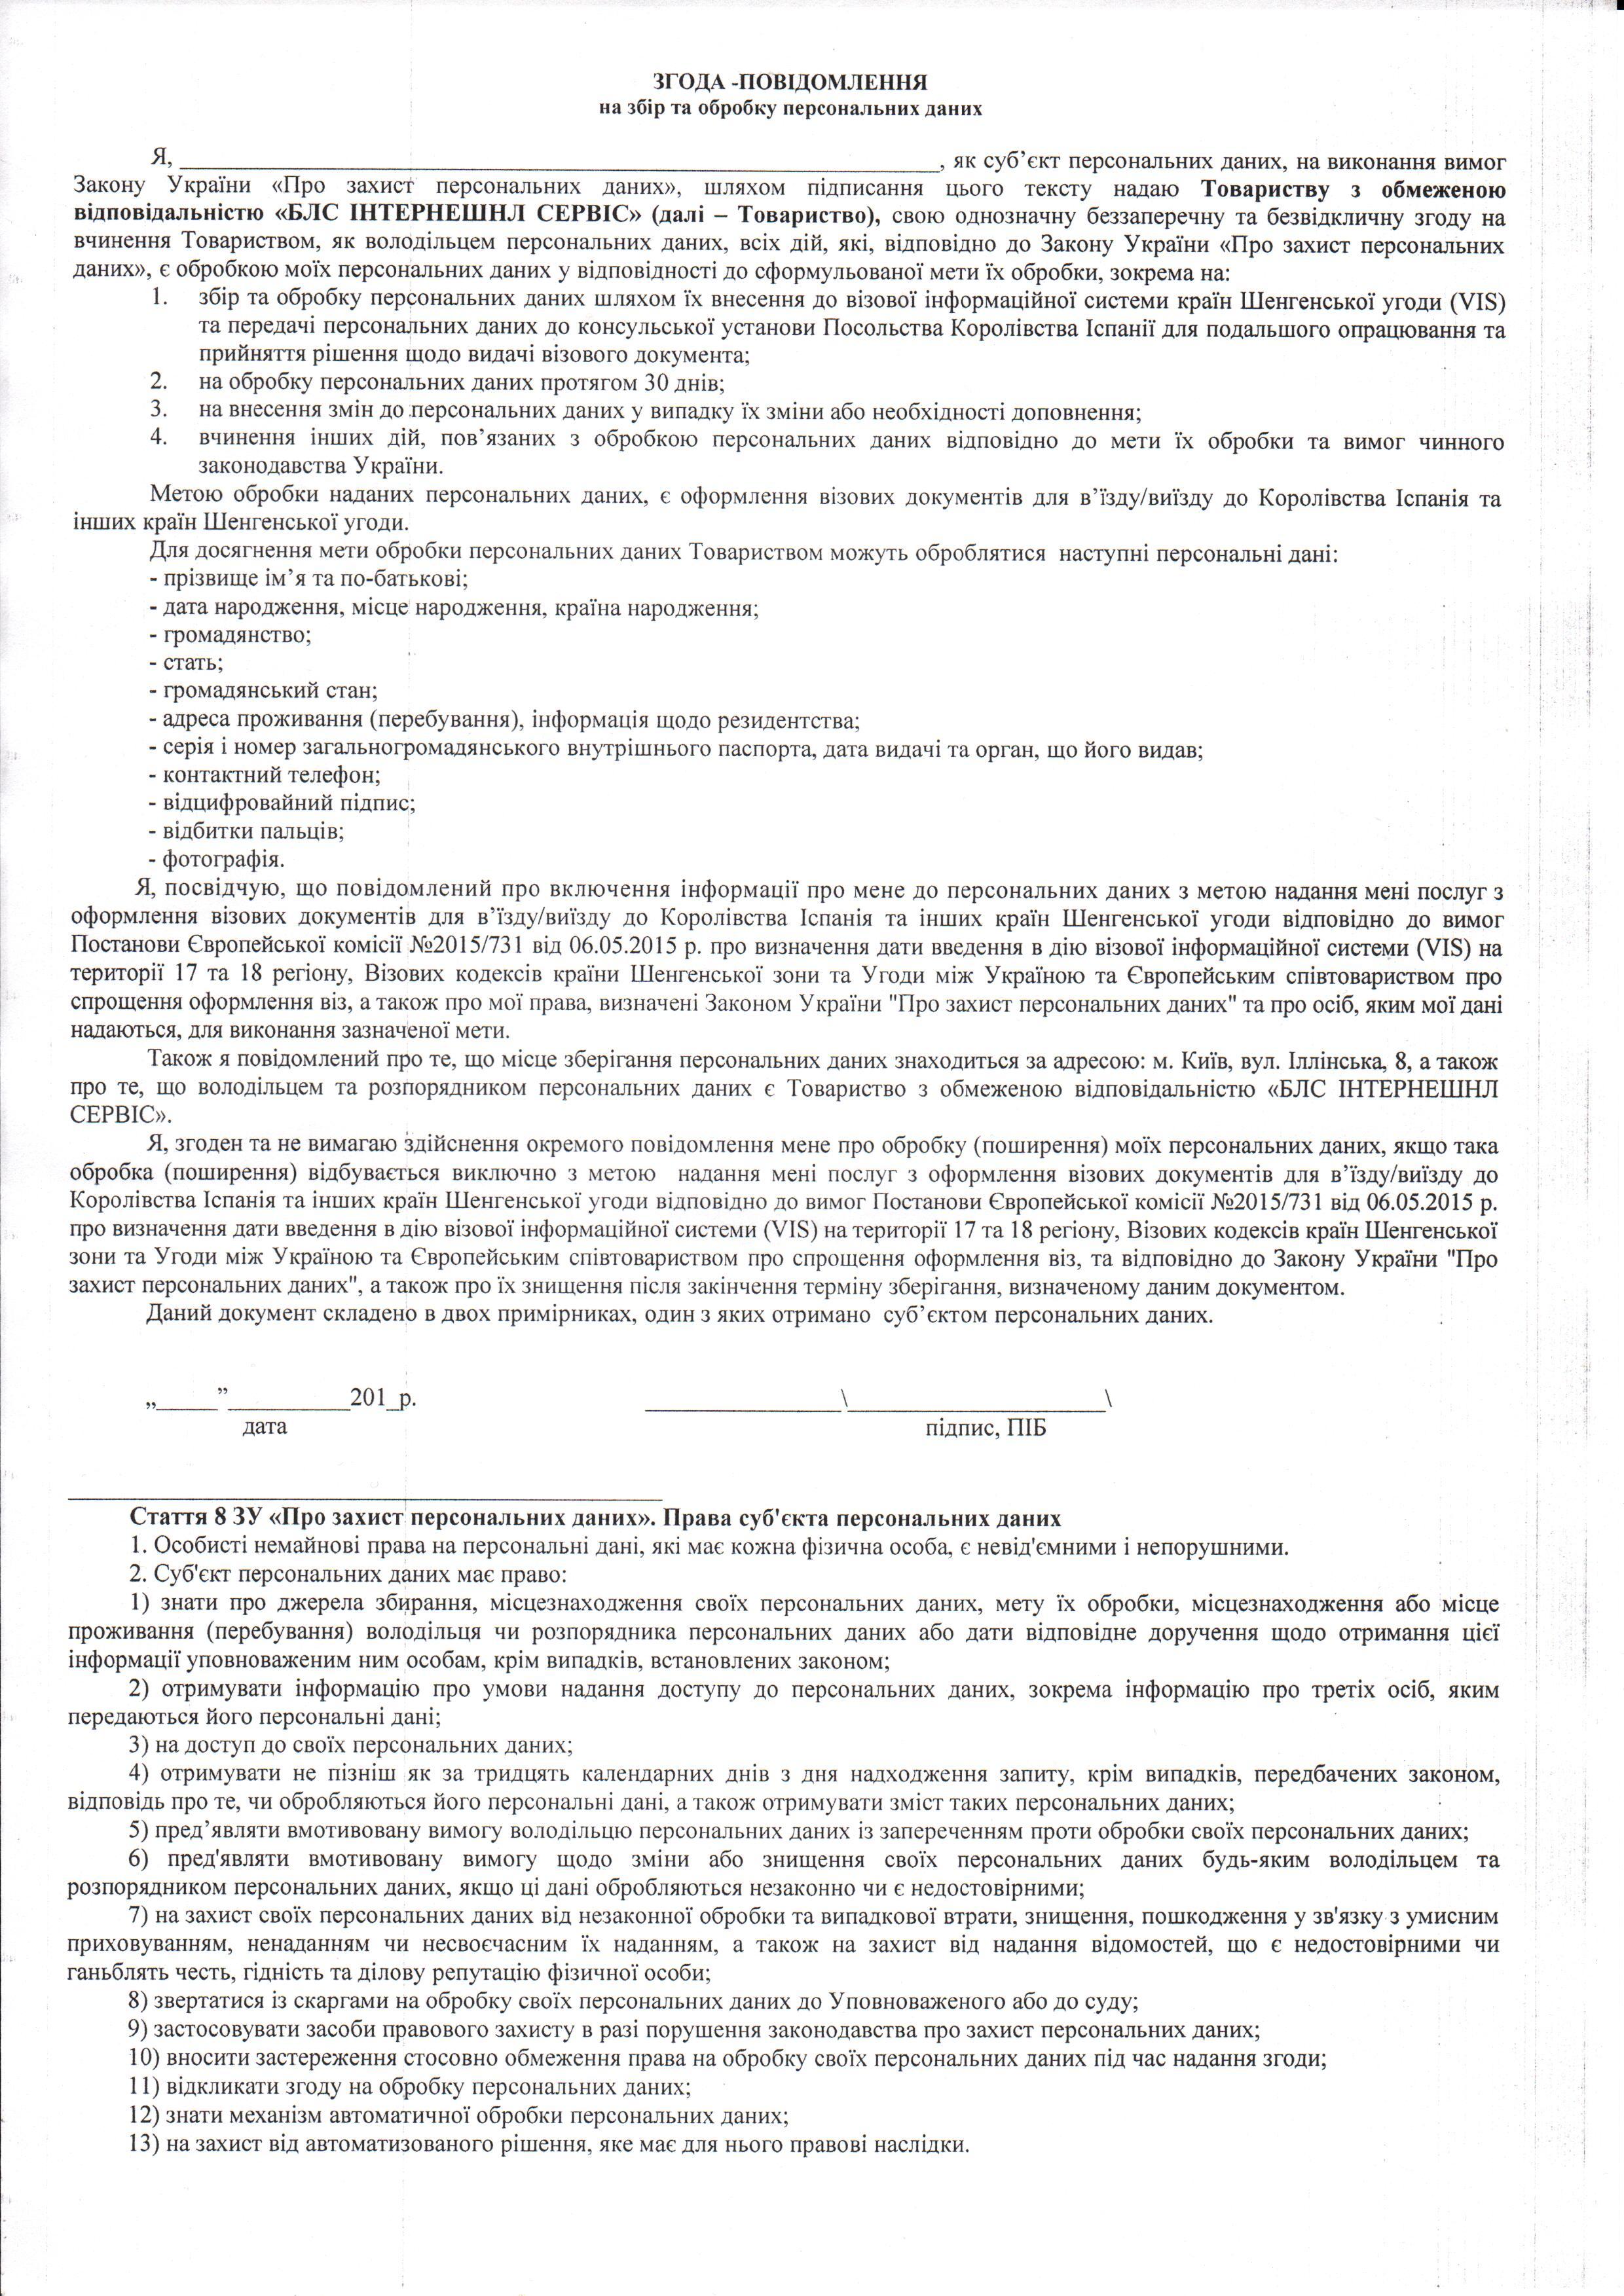 бланк заполнения паспорта украина в 16 лет